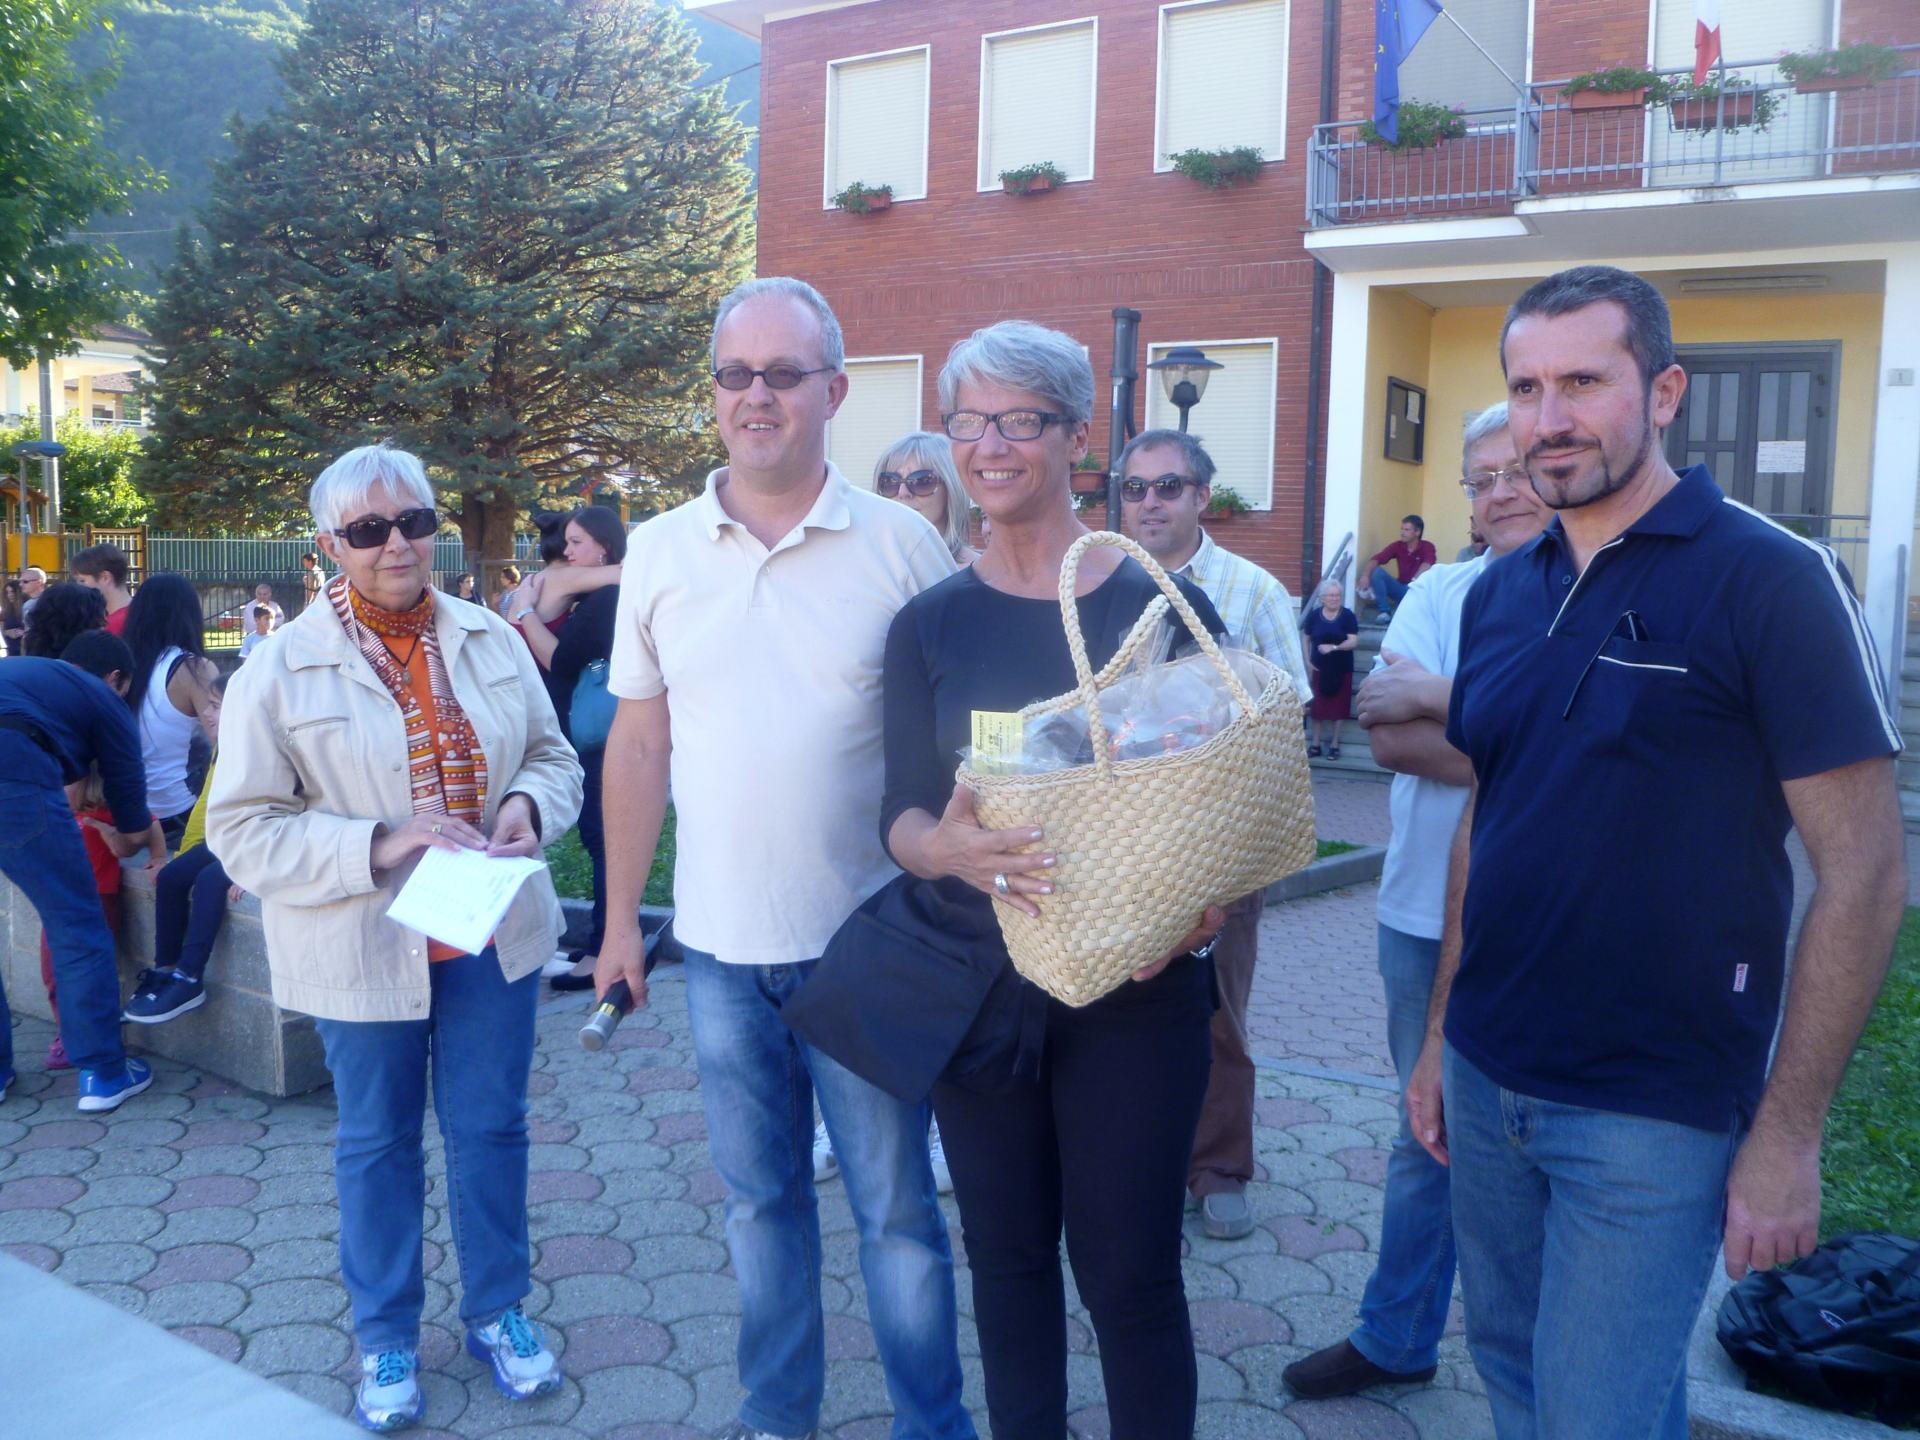 Edizione 2015 - vincitrice concorso Pan ed Melia con amministratori